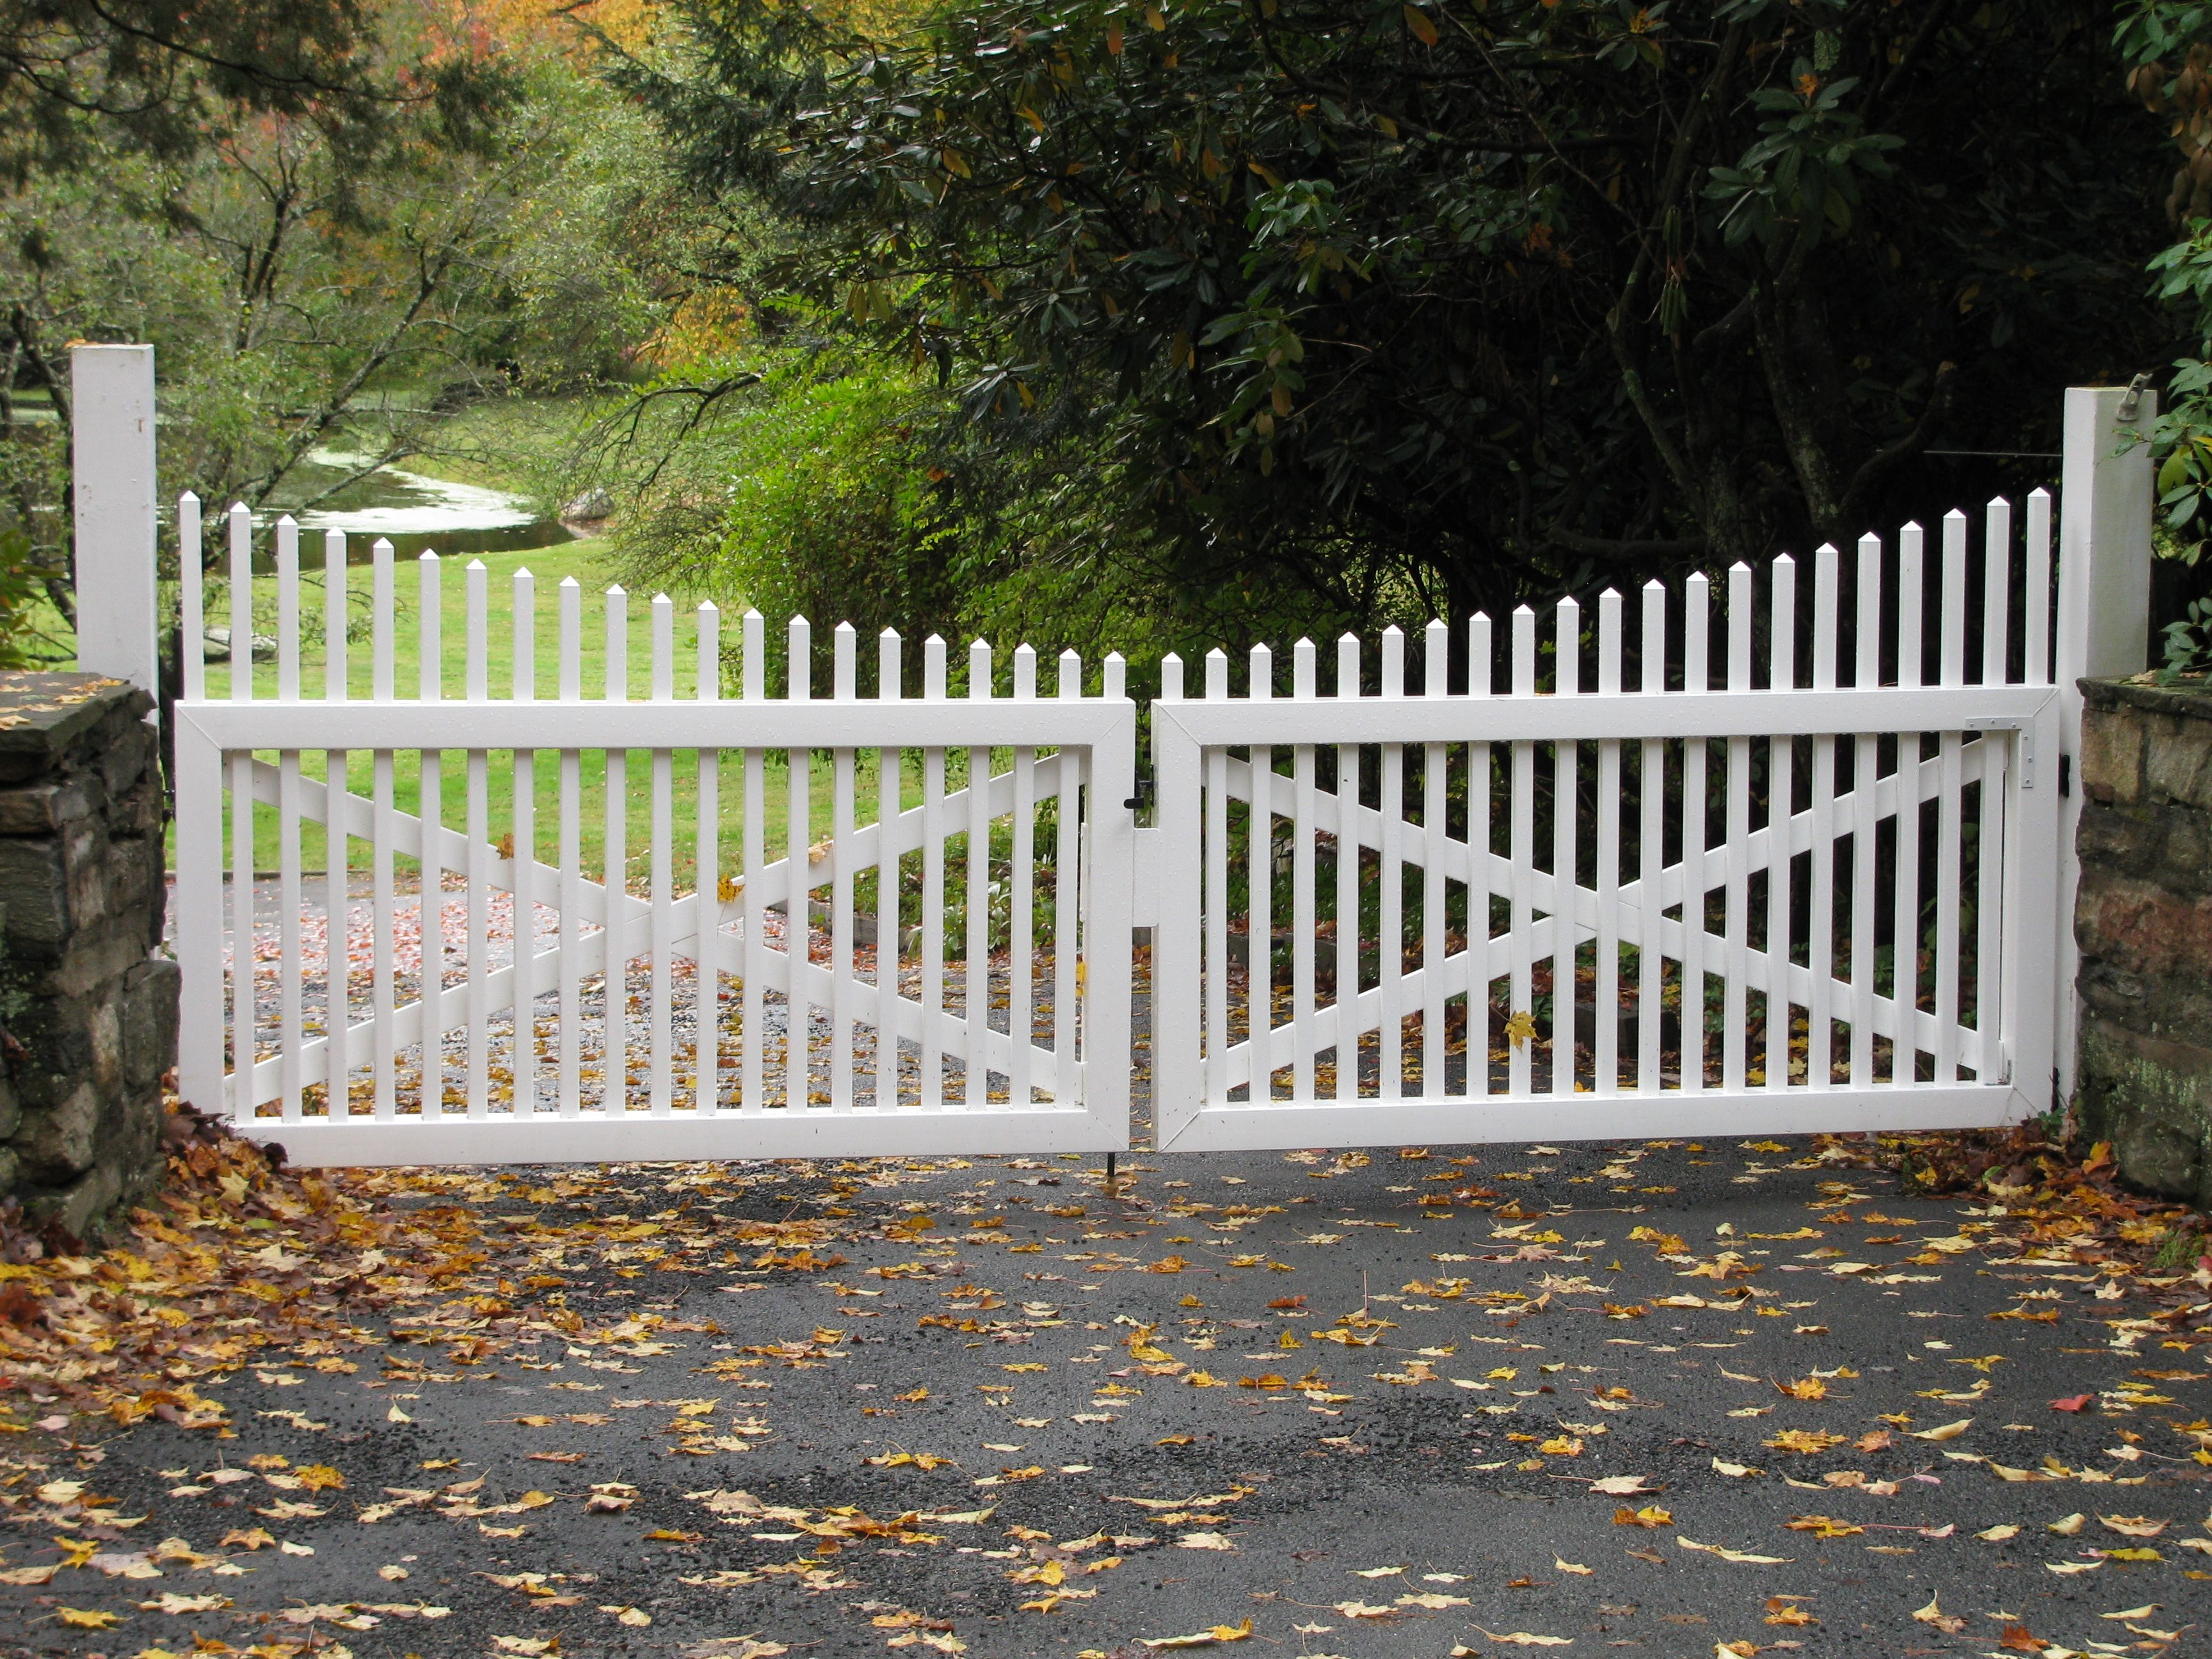 D Knockout Build Driveway Gate Wood Fence Driveway Gates Designs Wood Driveway Wood Gates Designs Wood Driveway Gates Designs Wood Driveway Gates D Driveway Gate